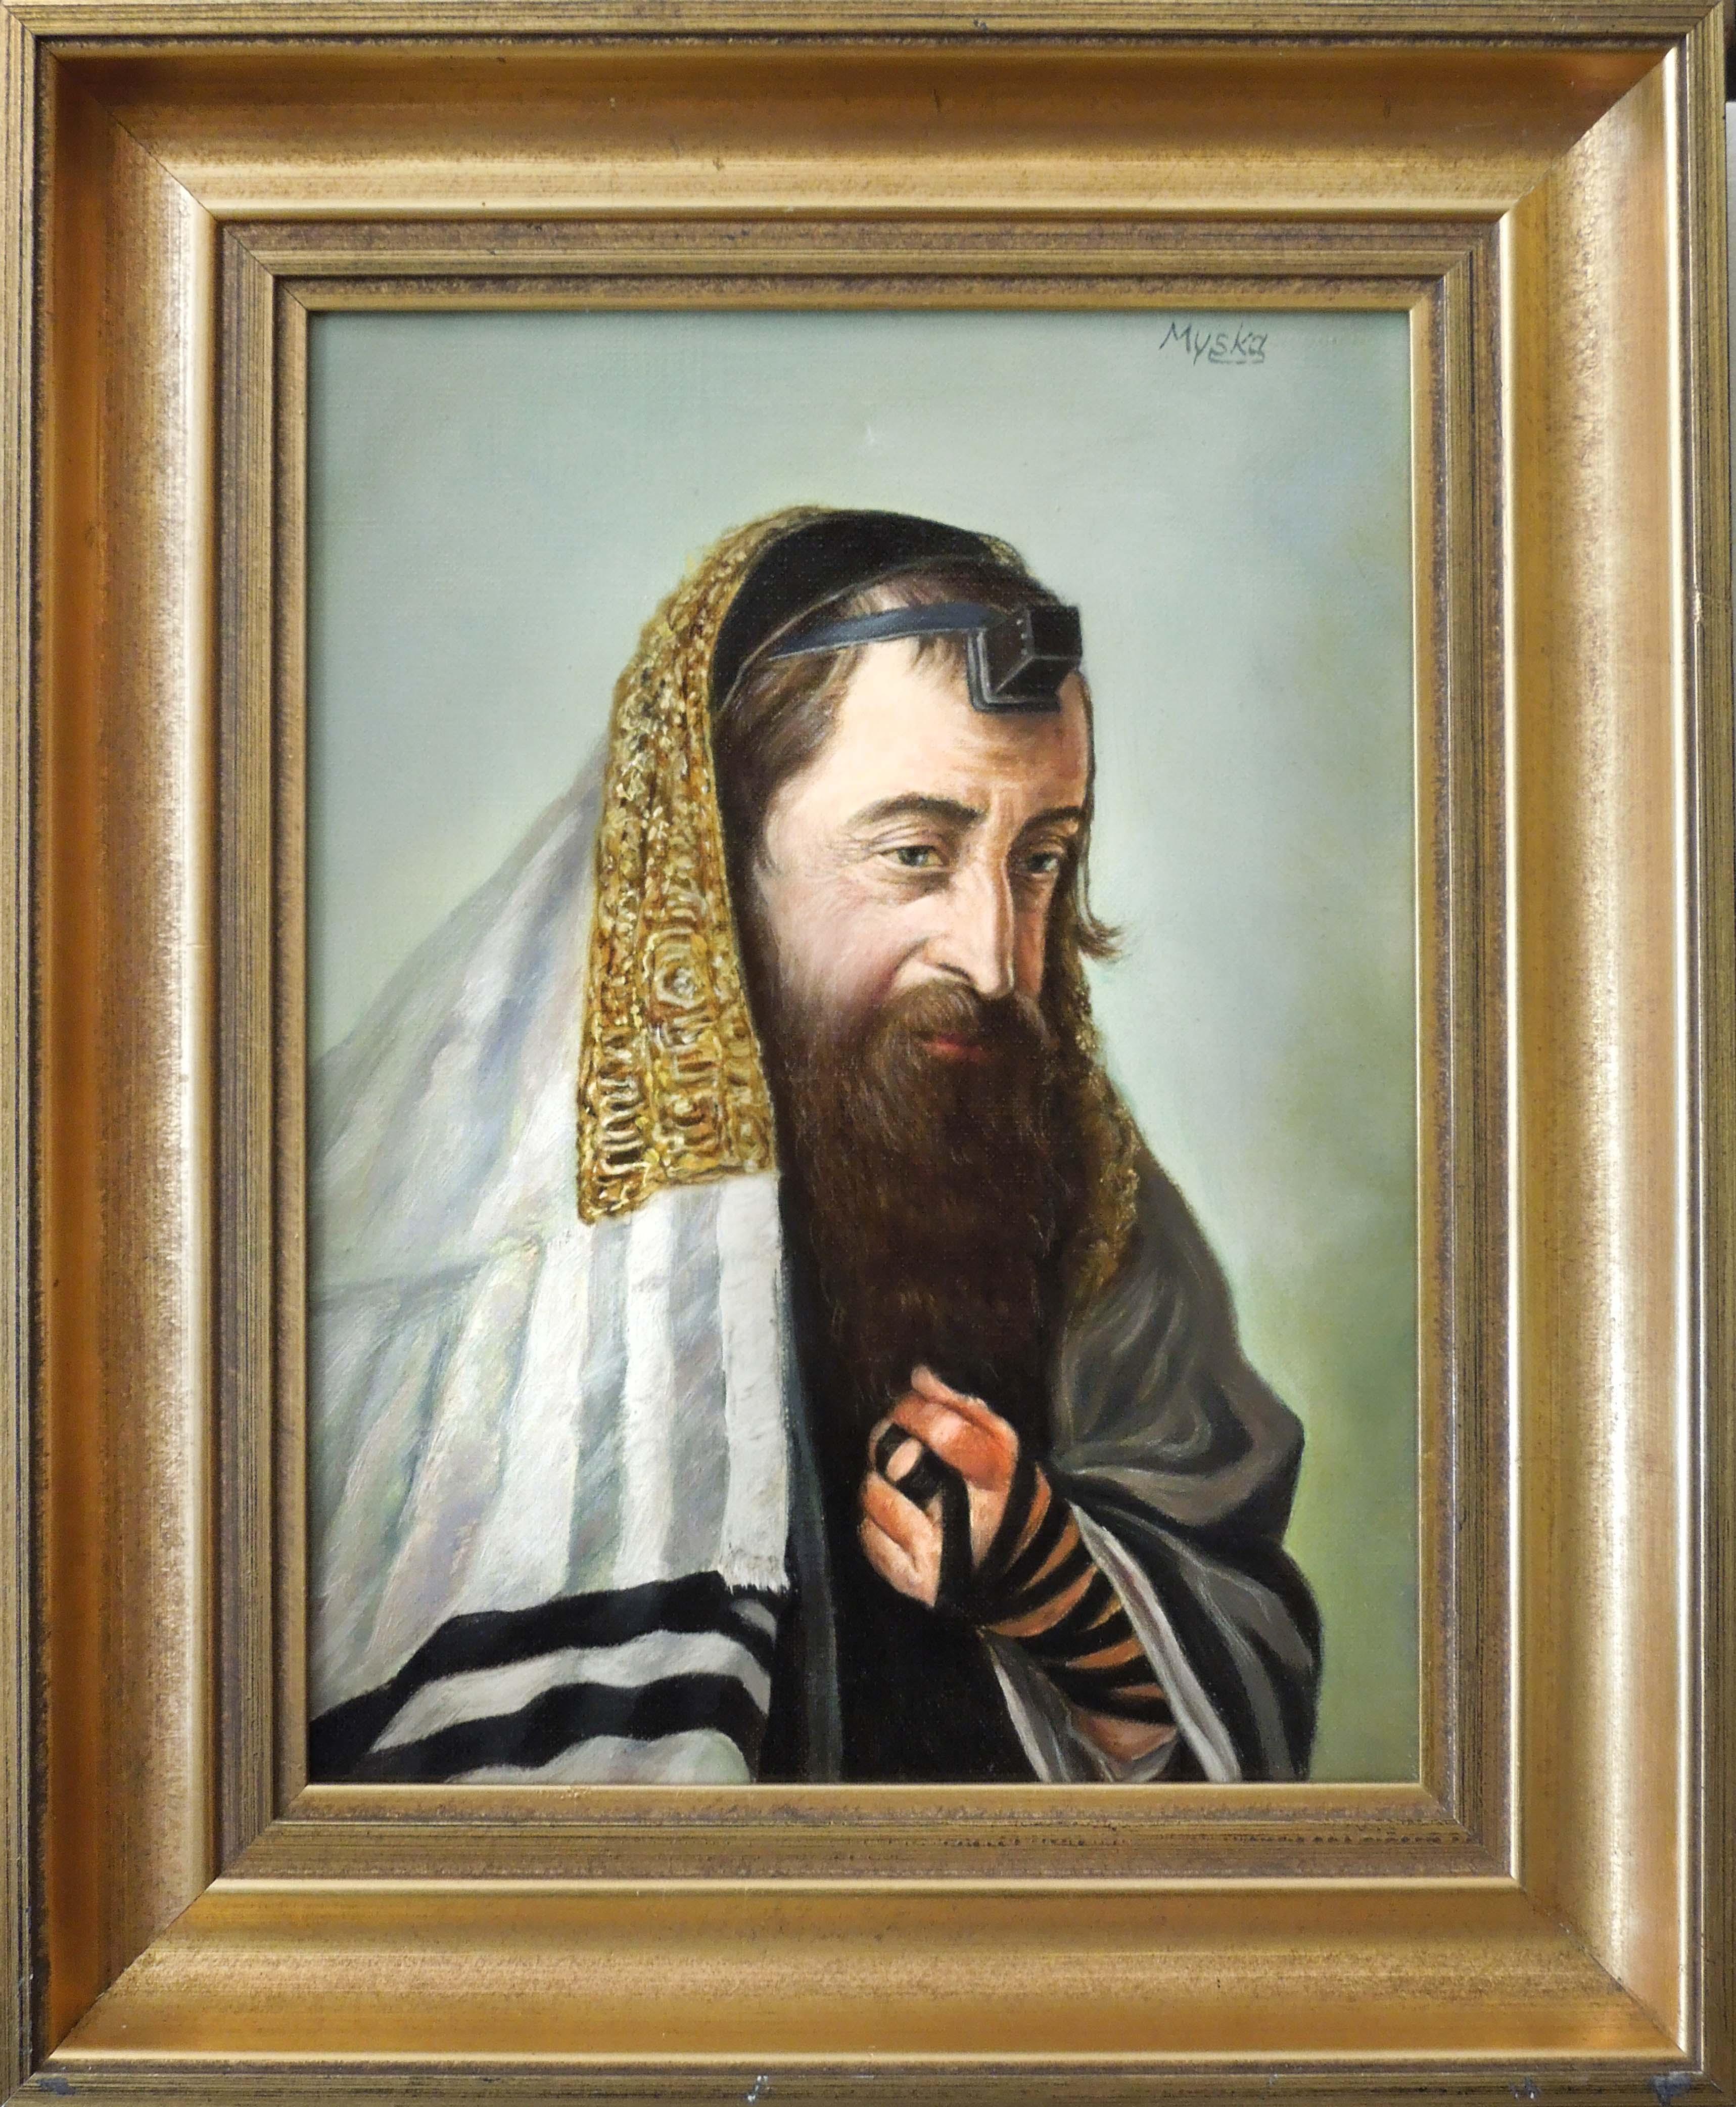 Rabín, Myska